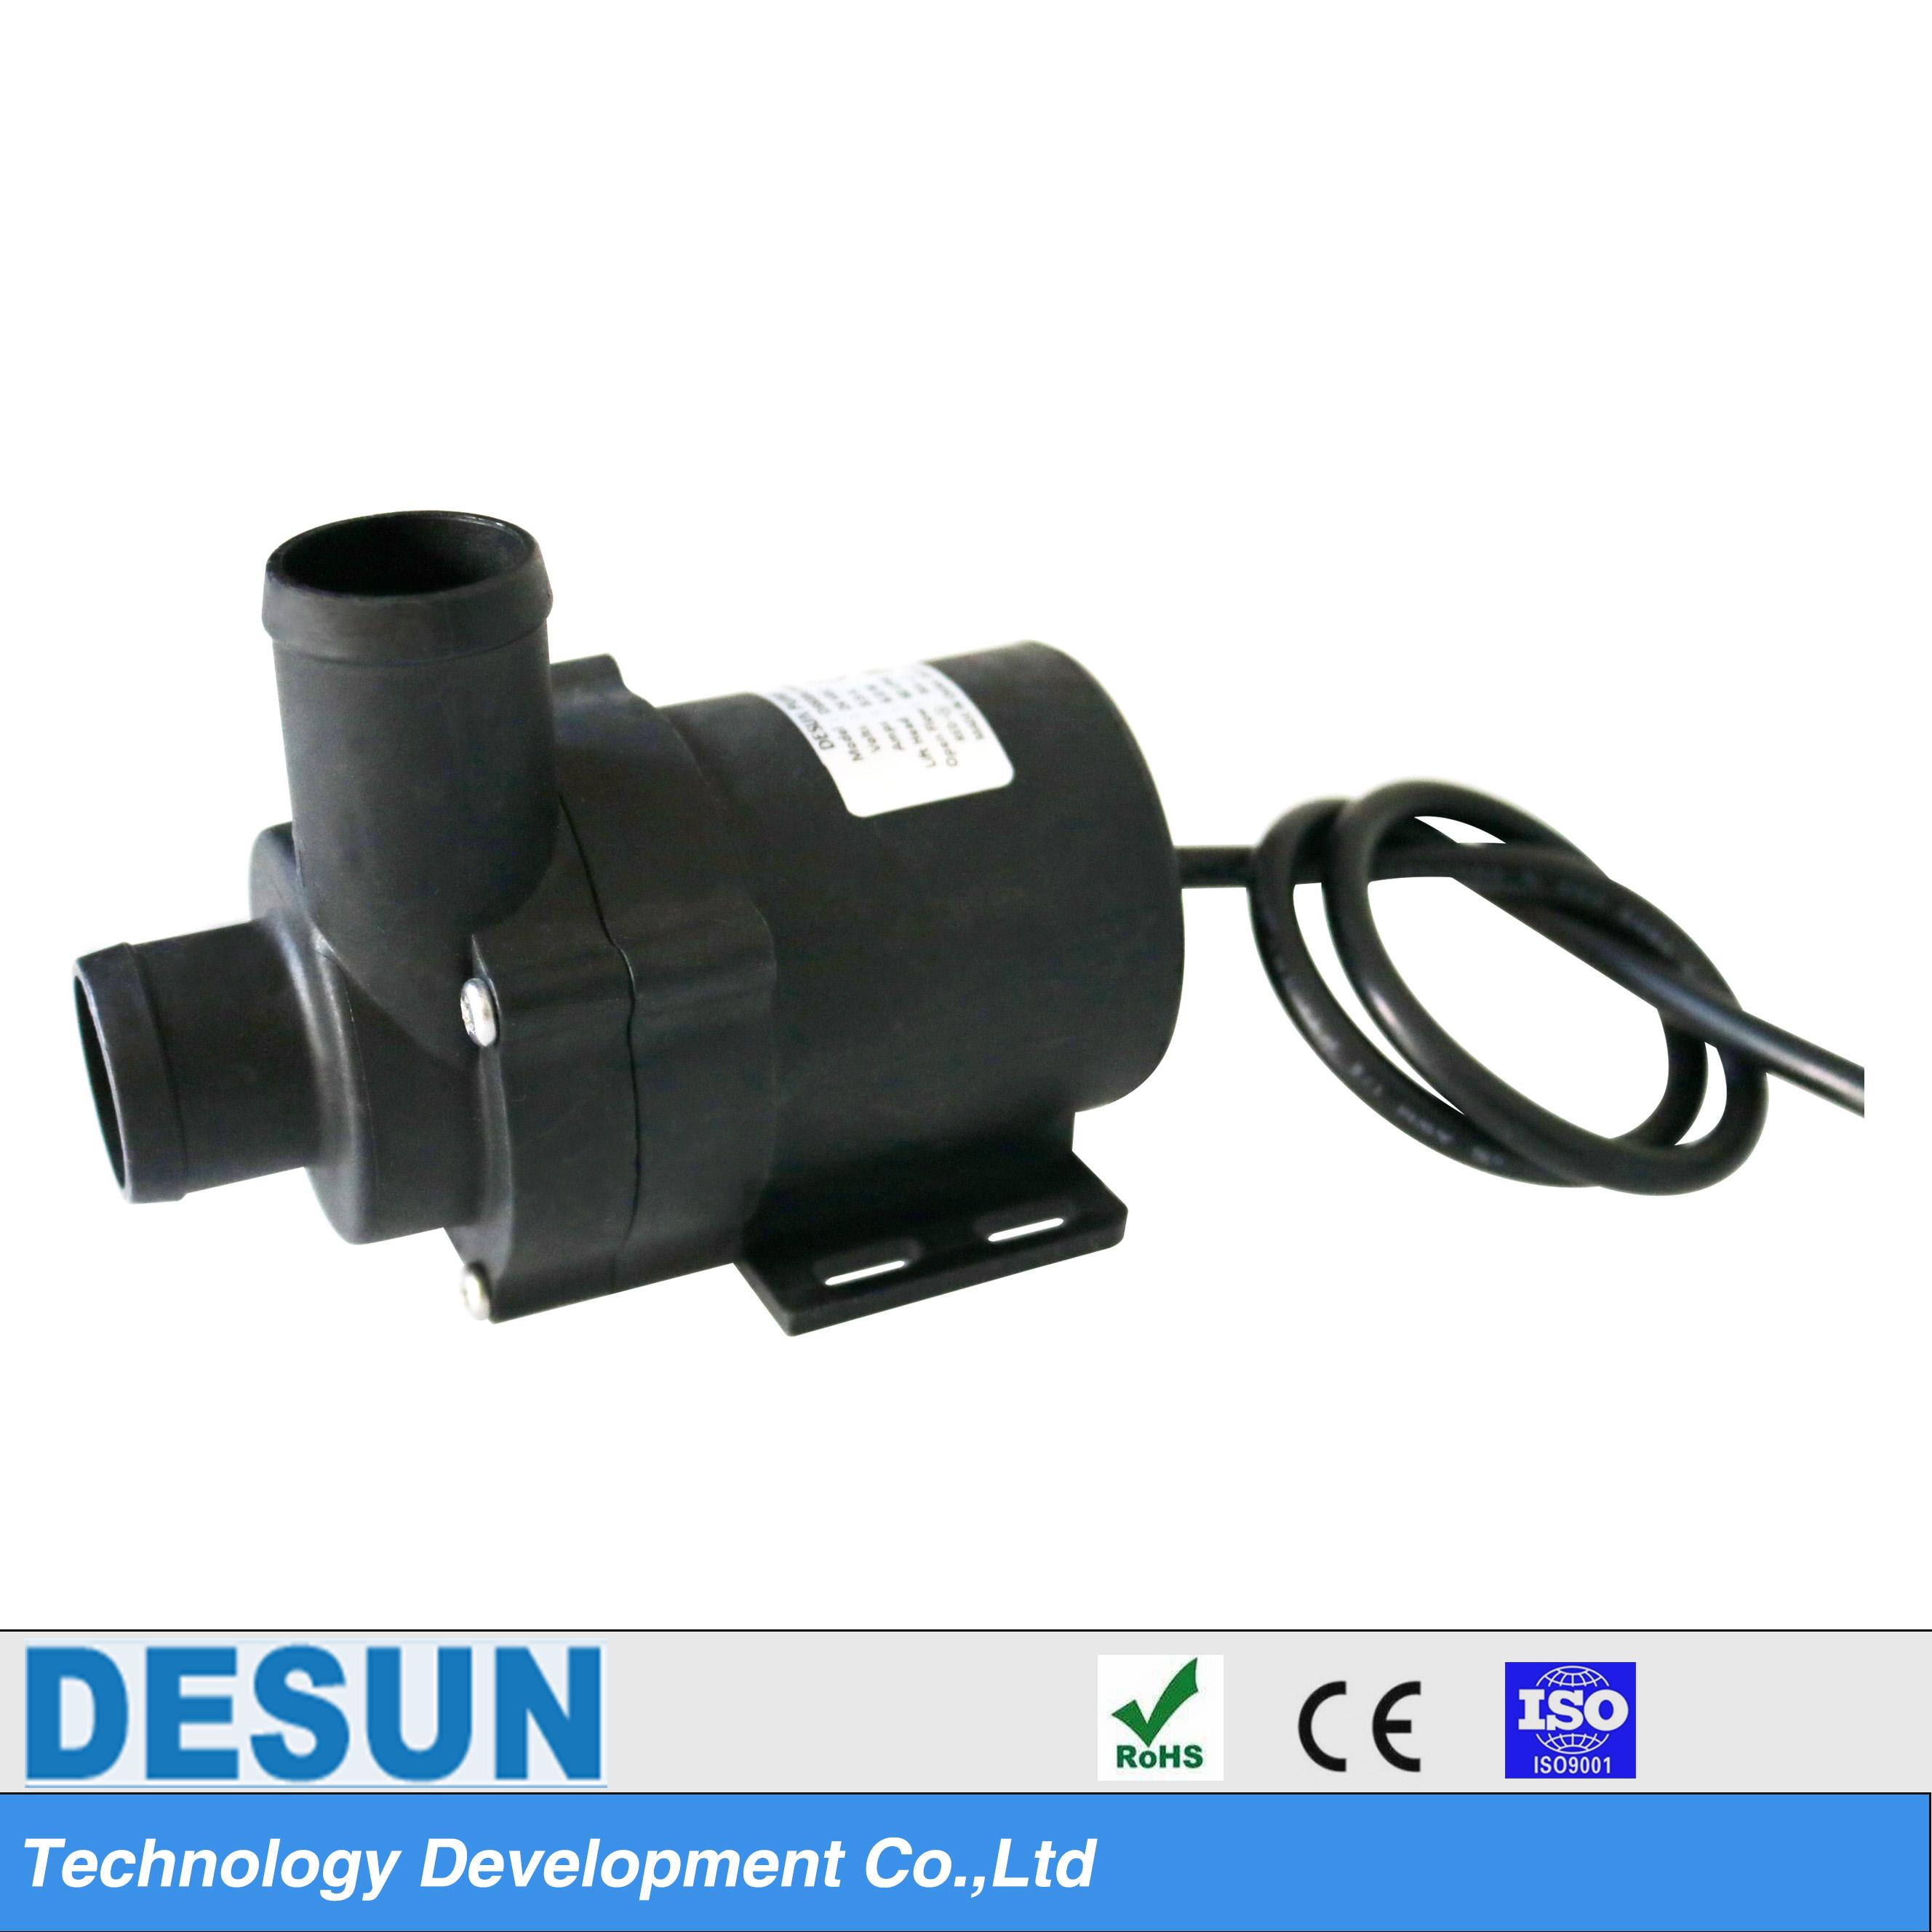 三相调速医疗器械微型水泵DS5006